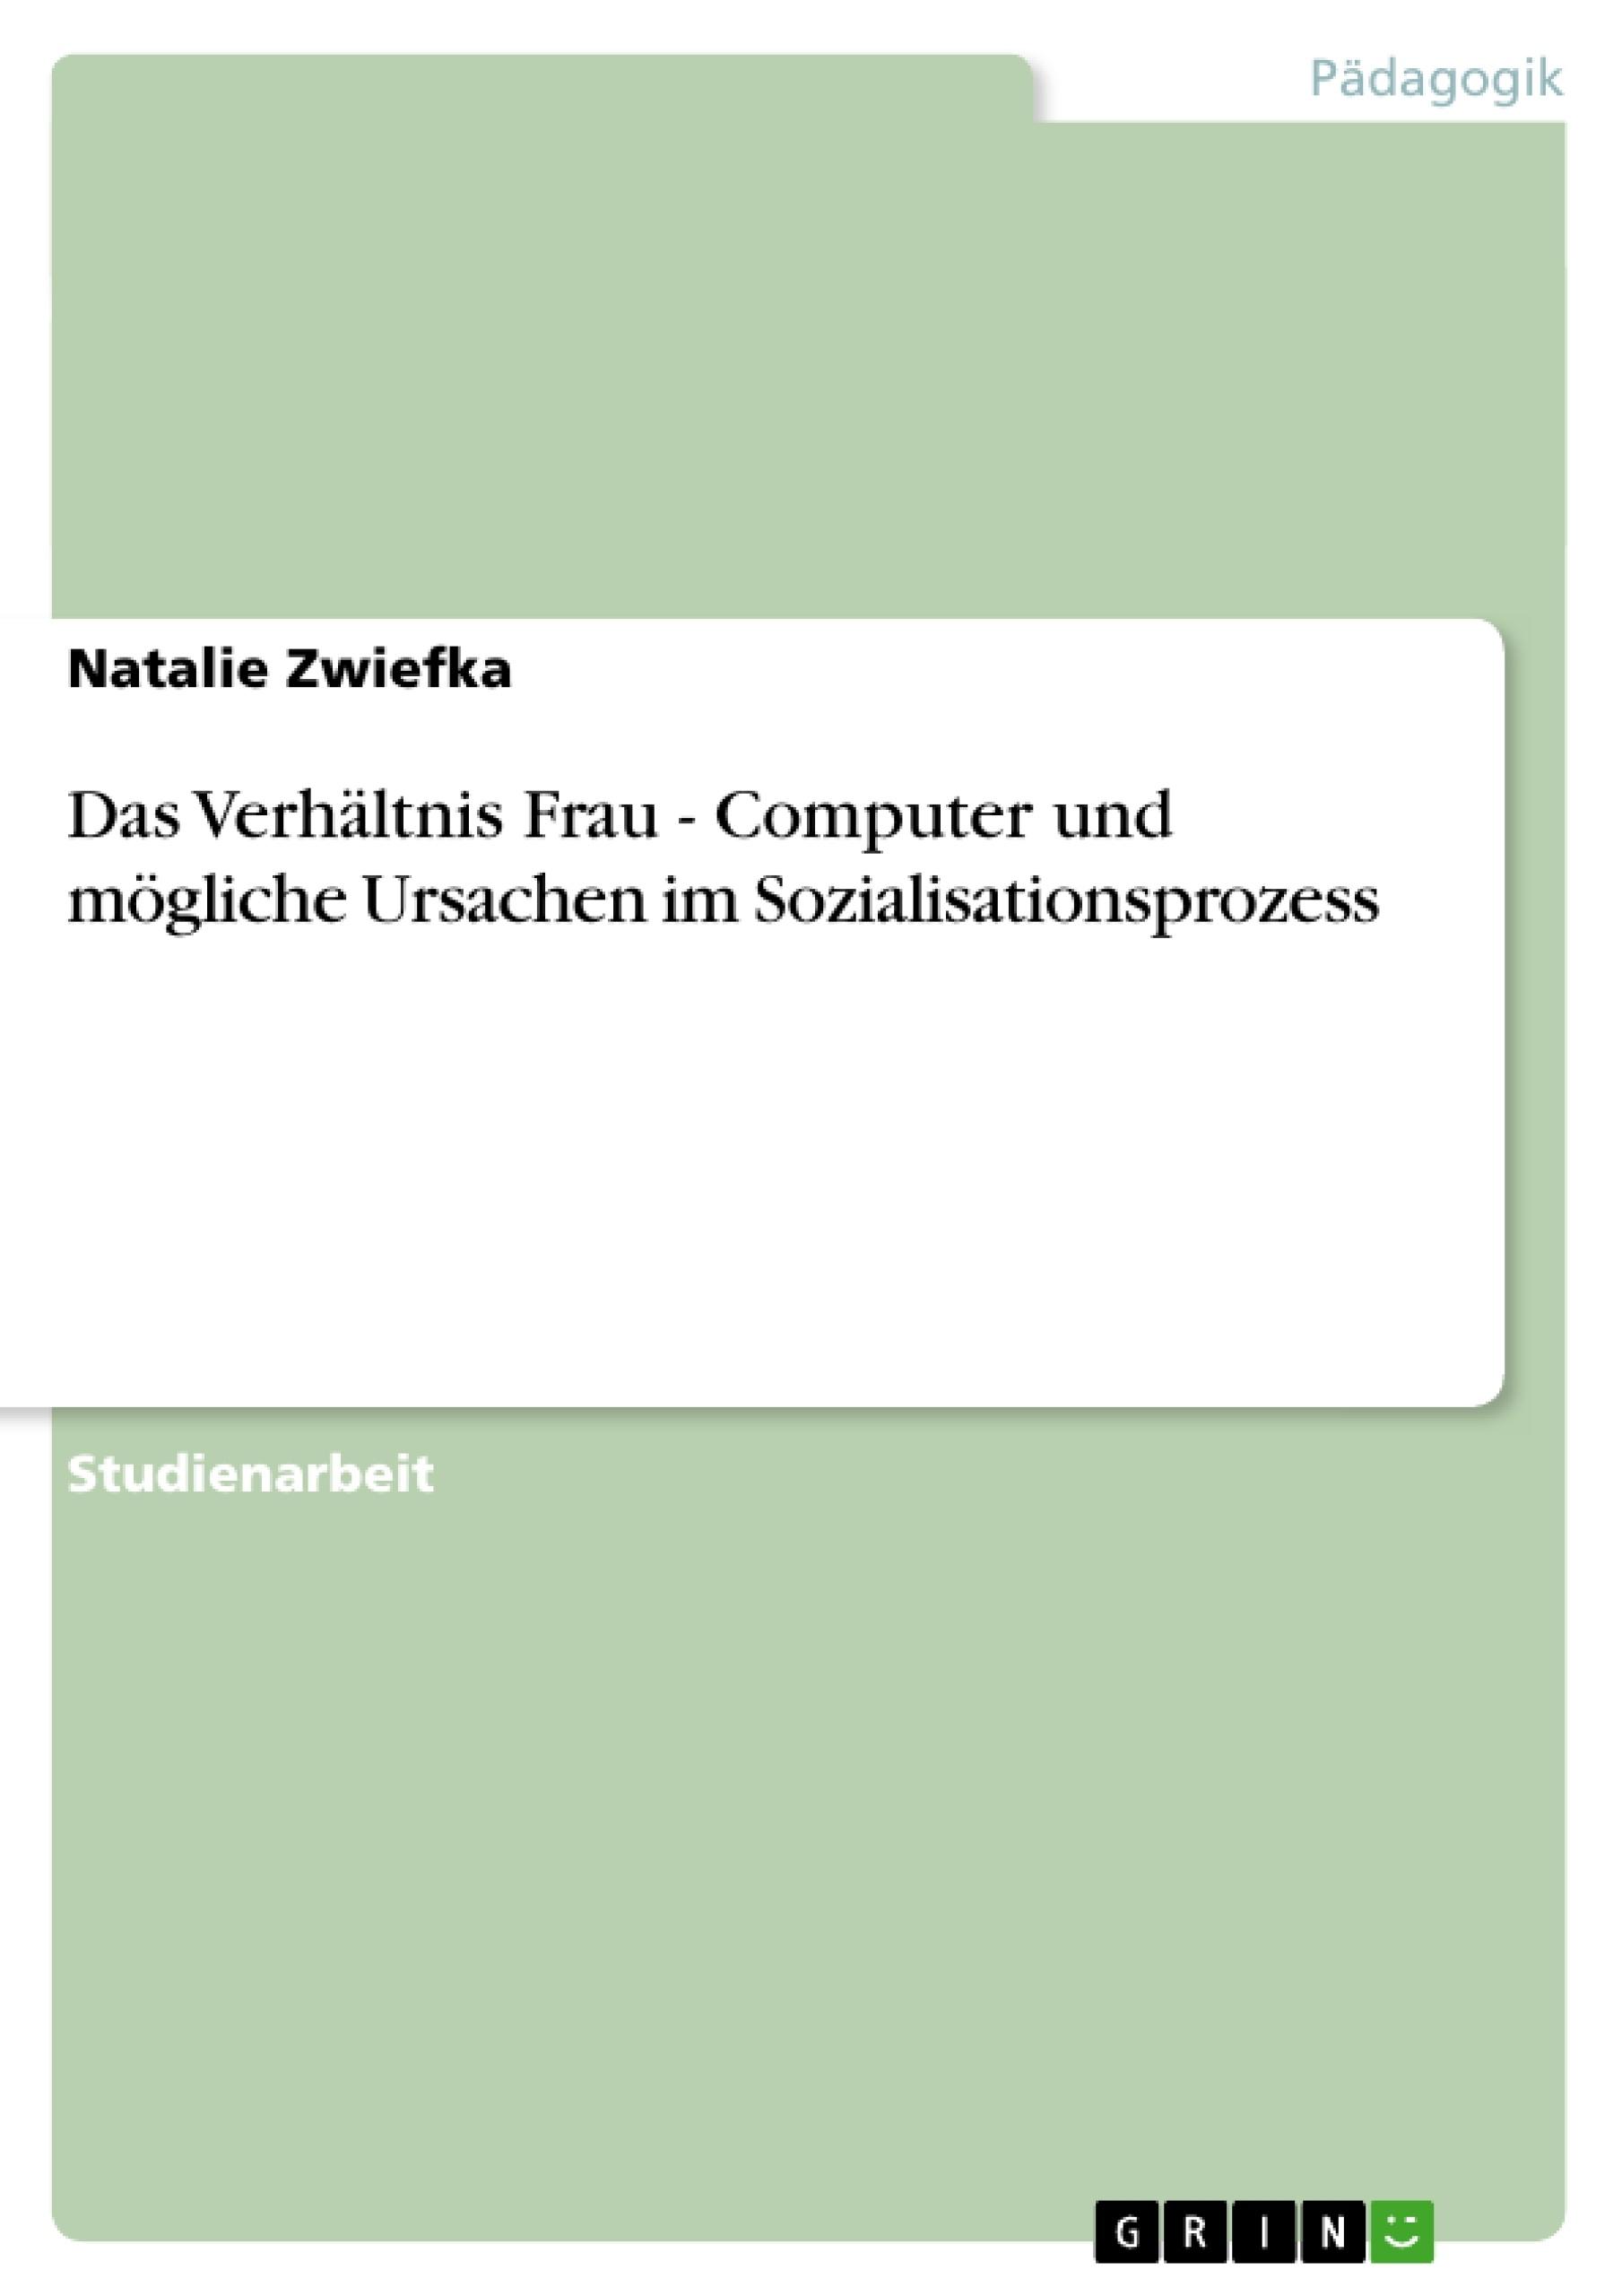 Titel: Das Verhältnis Frau - Computer und mögliche Ursachen im Sozialisationsprozess